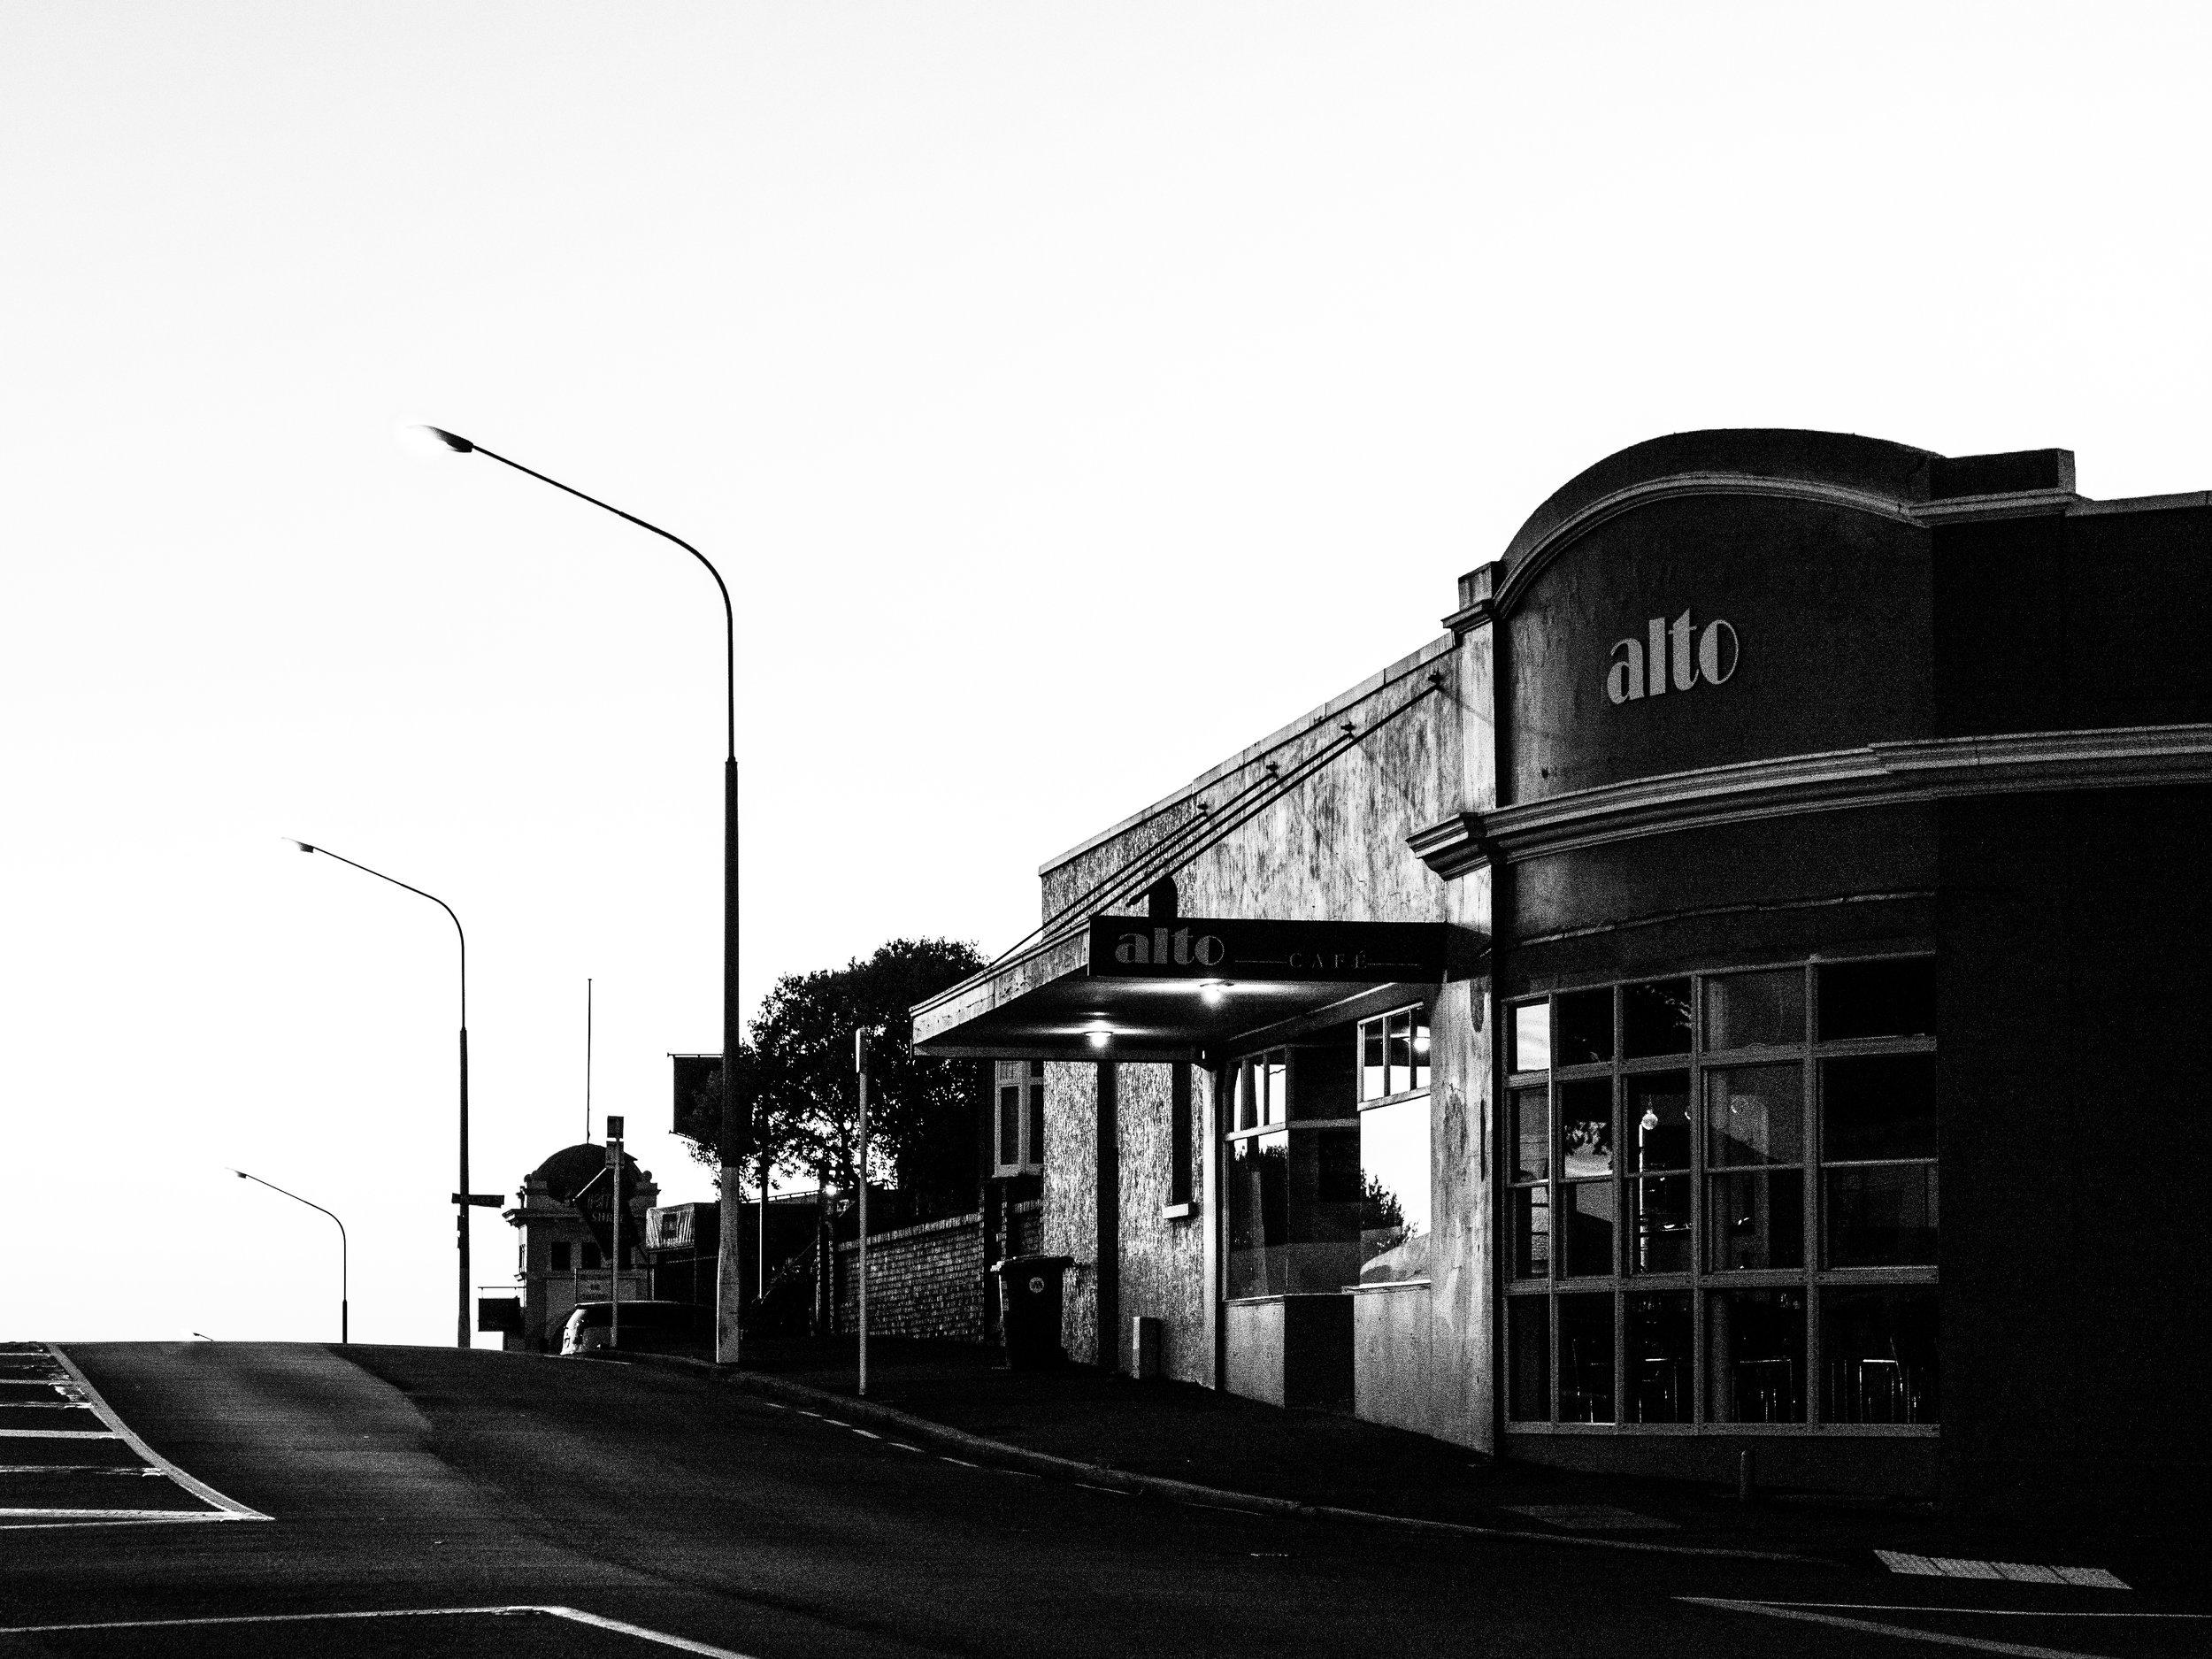 Alto cafe Dunedin in black and white